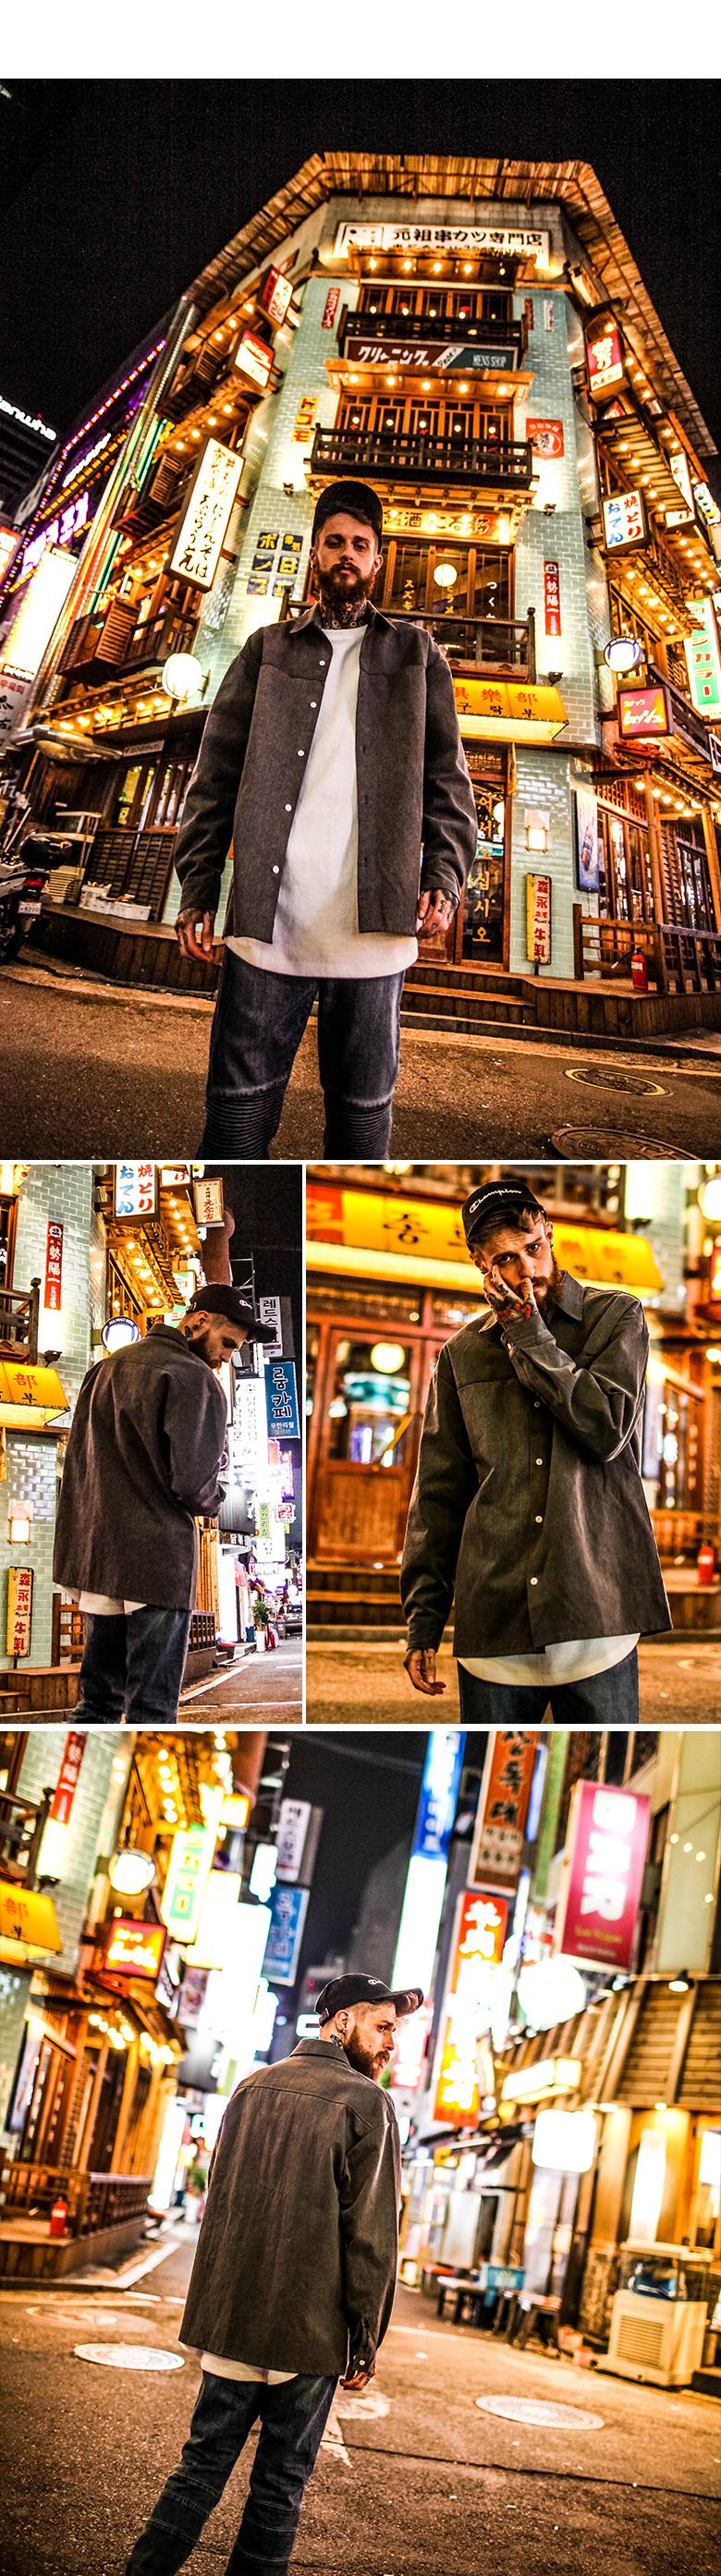 20170911_pl_hidden_shirt_model_jm_03.jpg